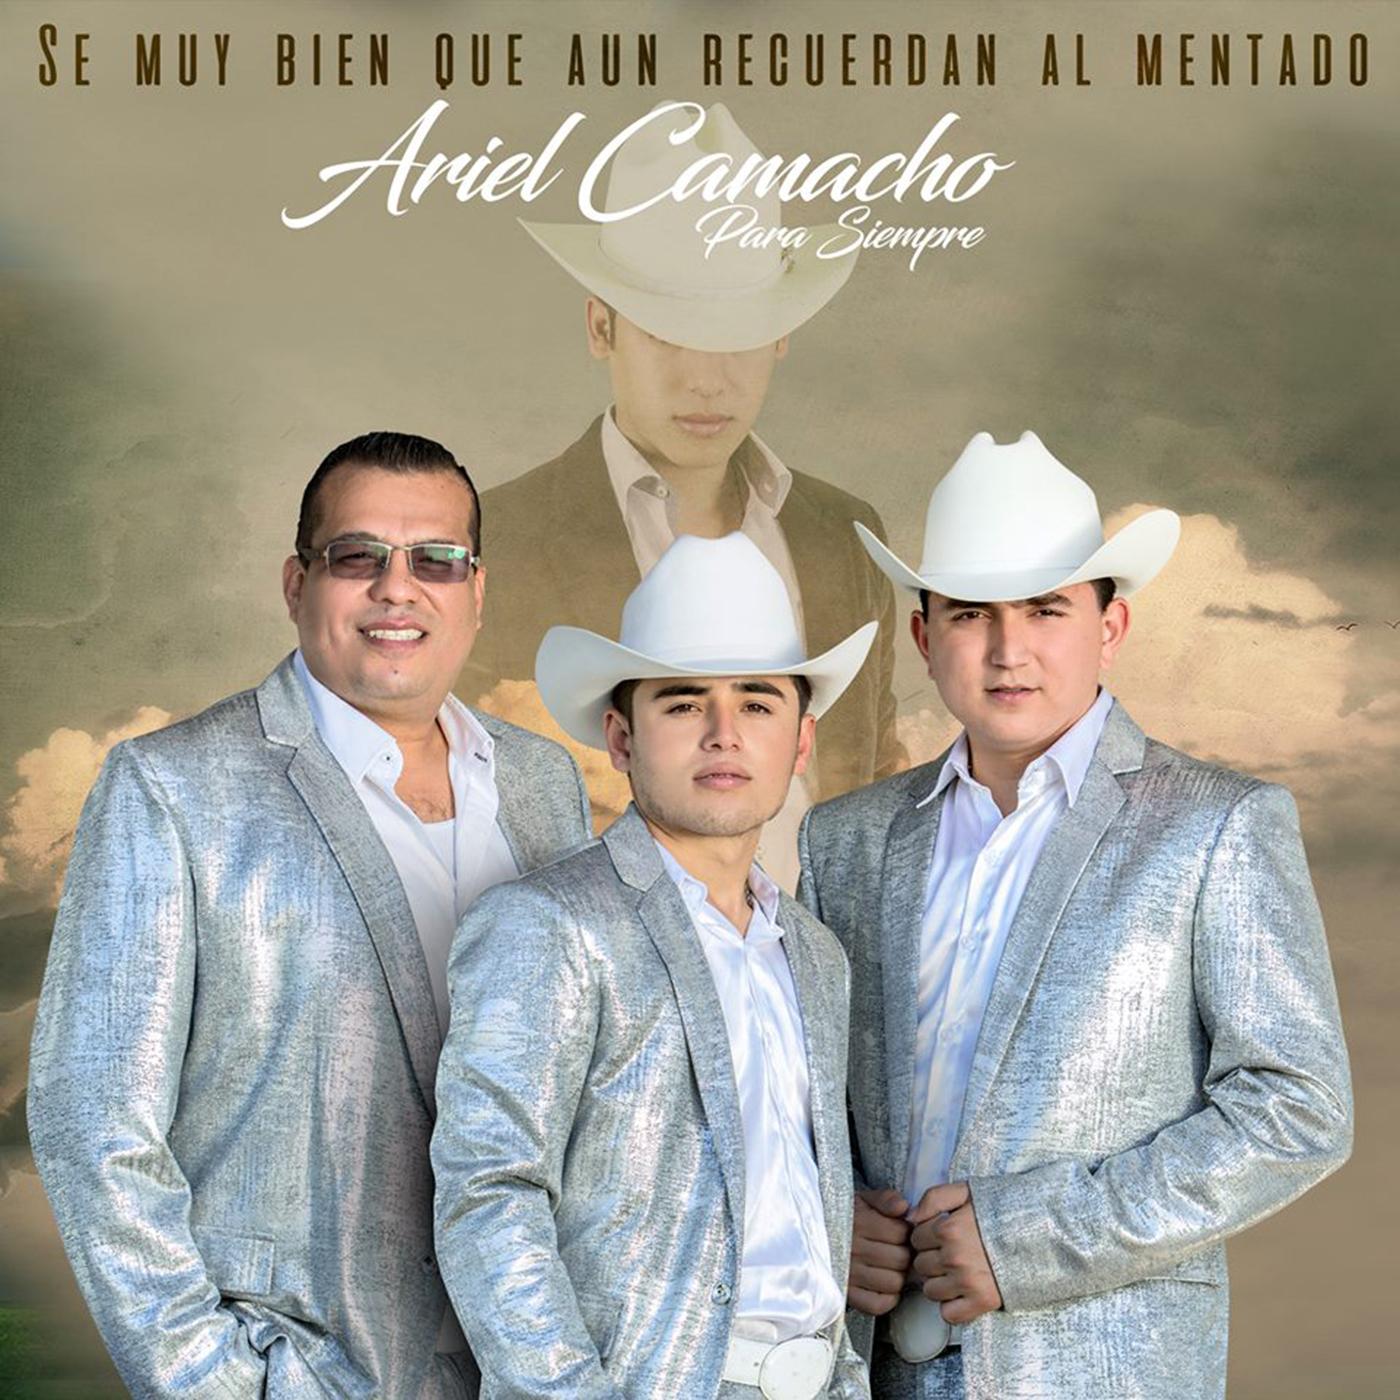 Los Plebes Del Rancho – Un Mentado Ariel Camacho (Estudio 2016)